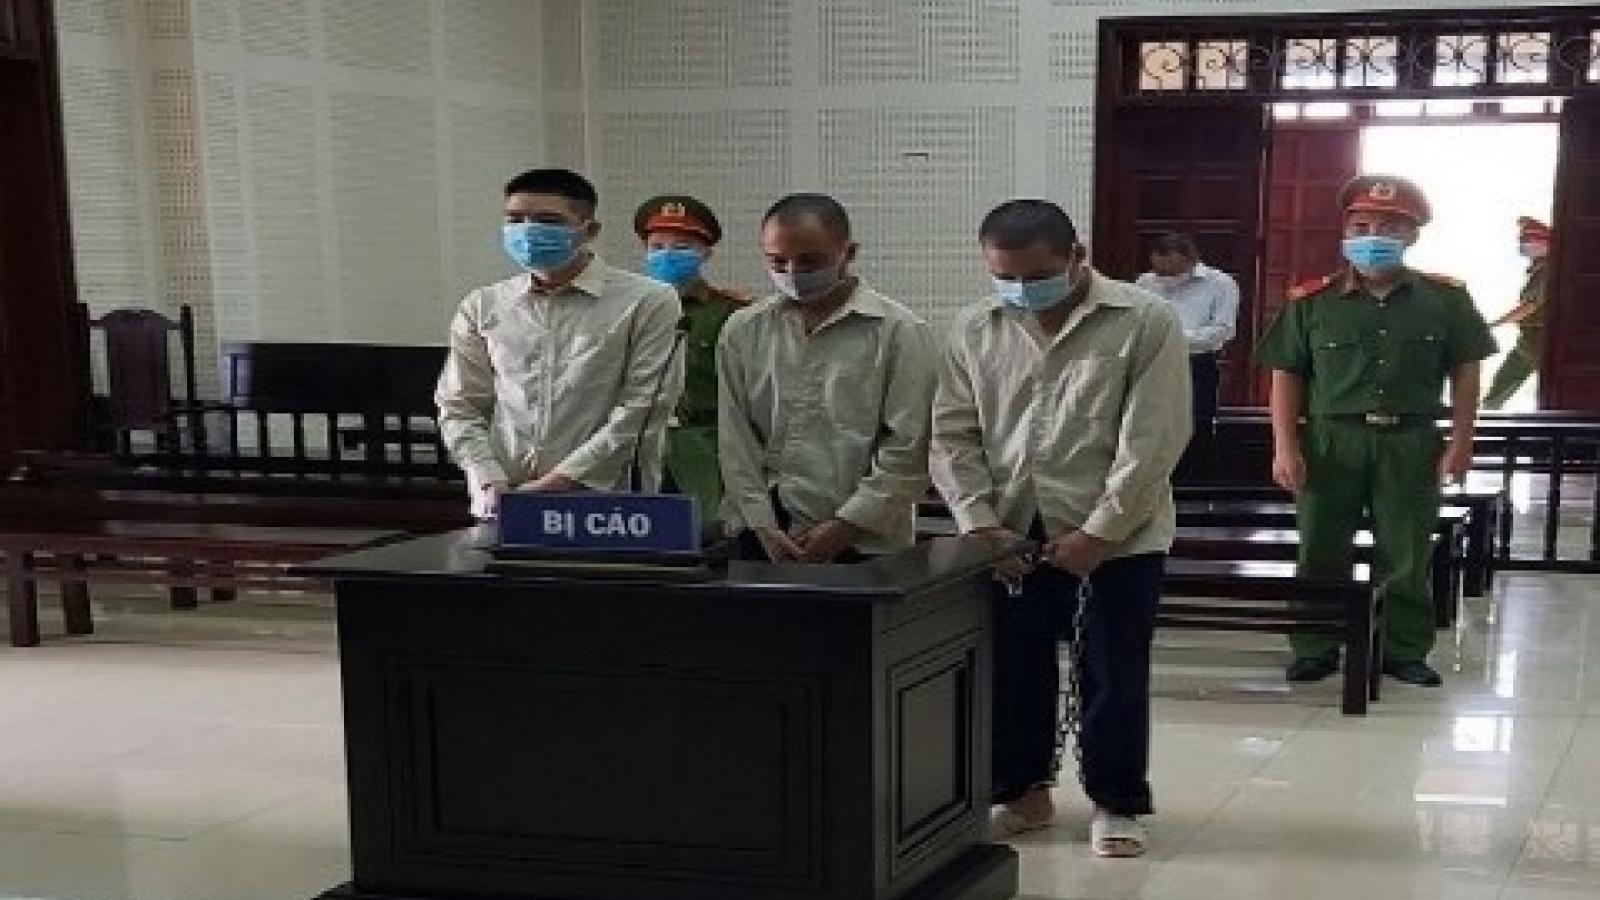 33 năm tù cho 3 đối tượng về hành vi mua bán trái phép chất ma túy ở Quảng Ninh